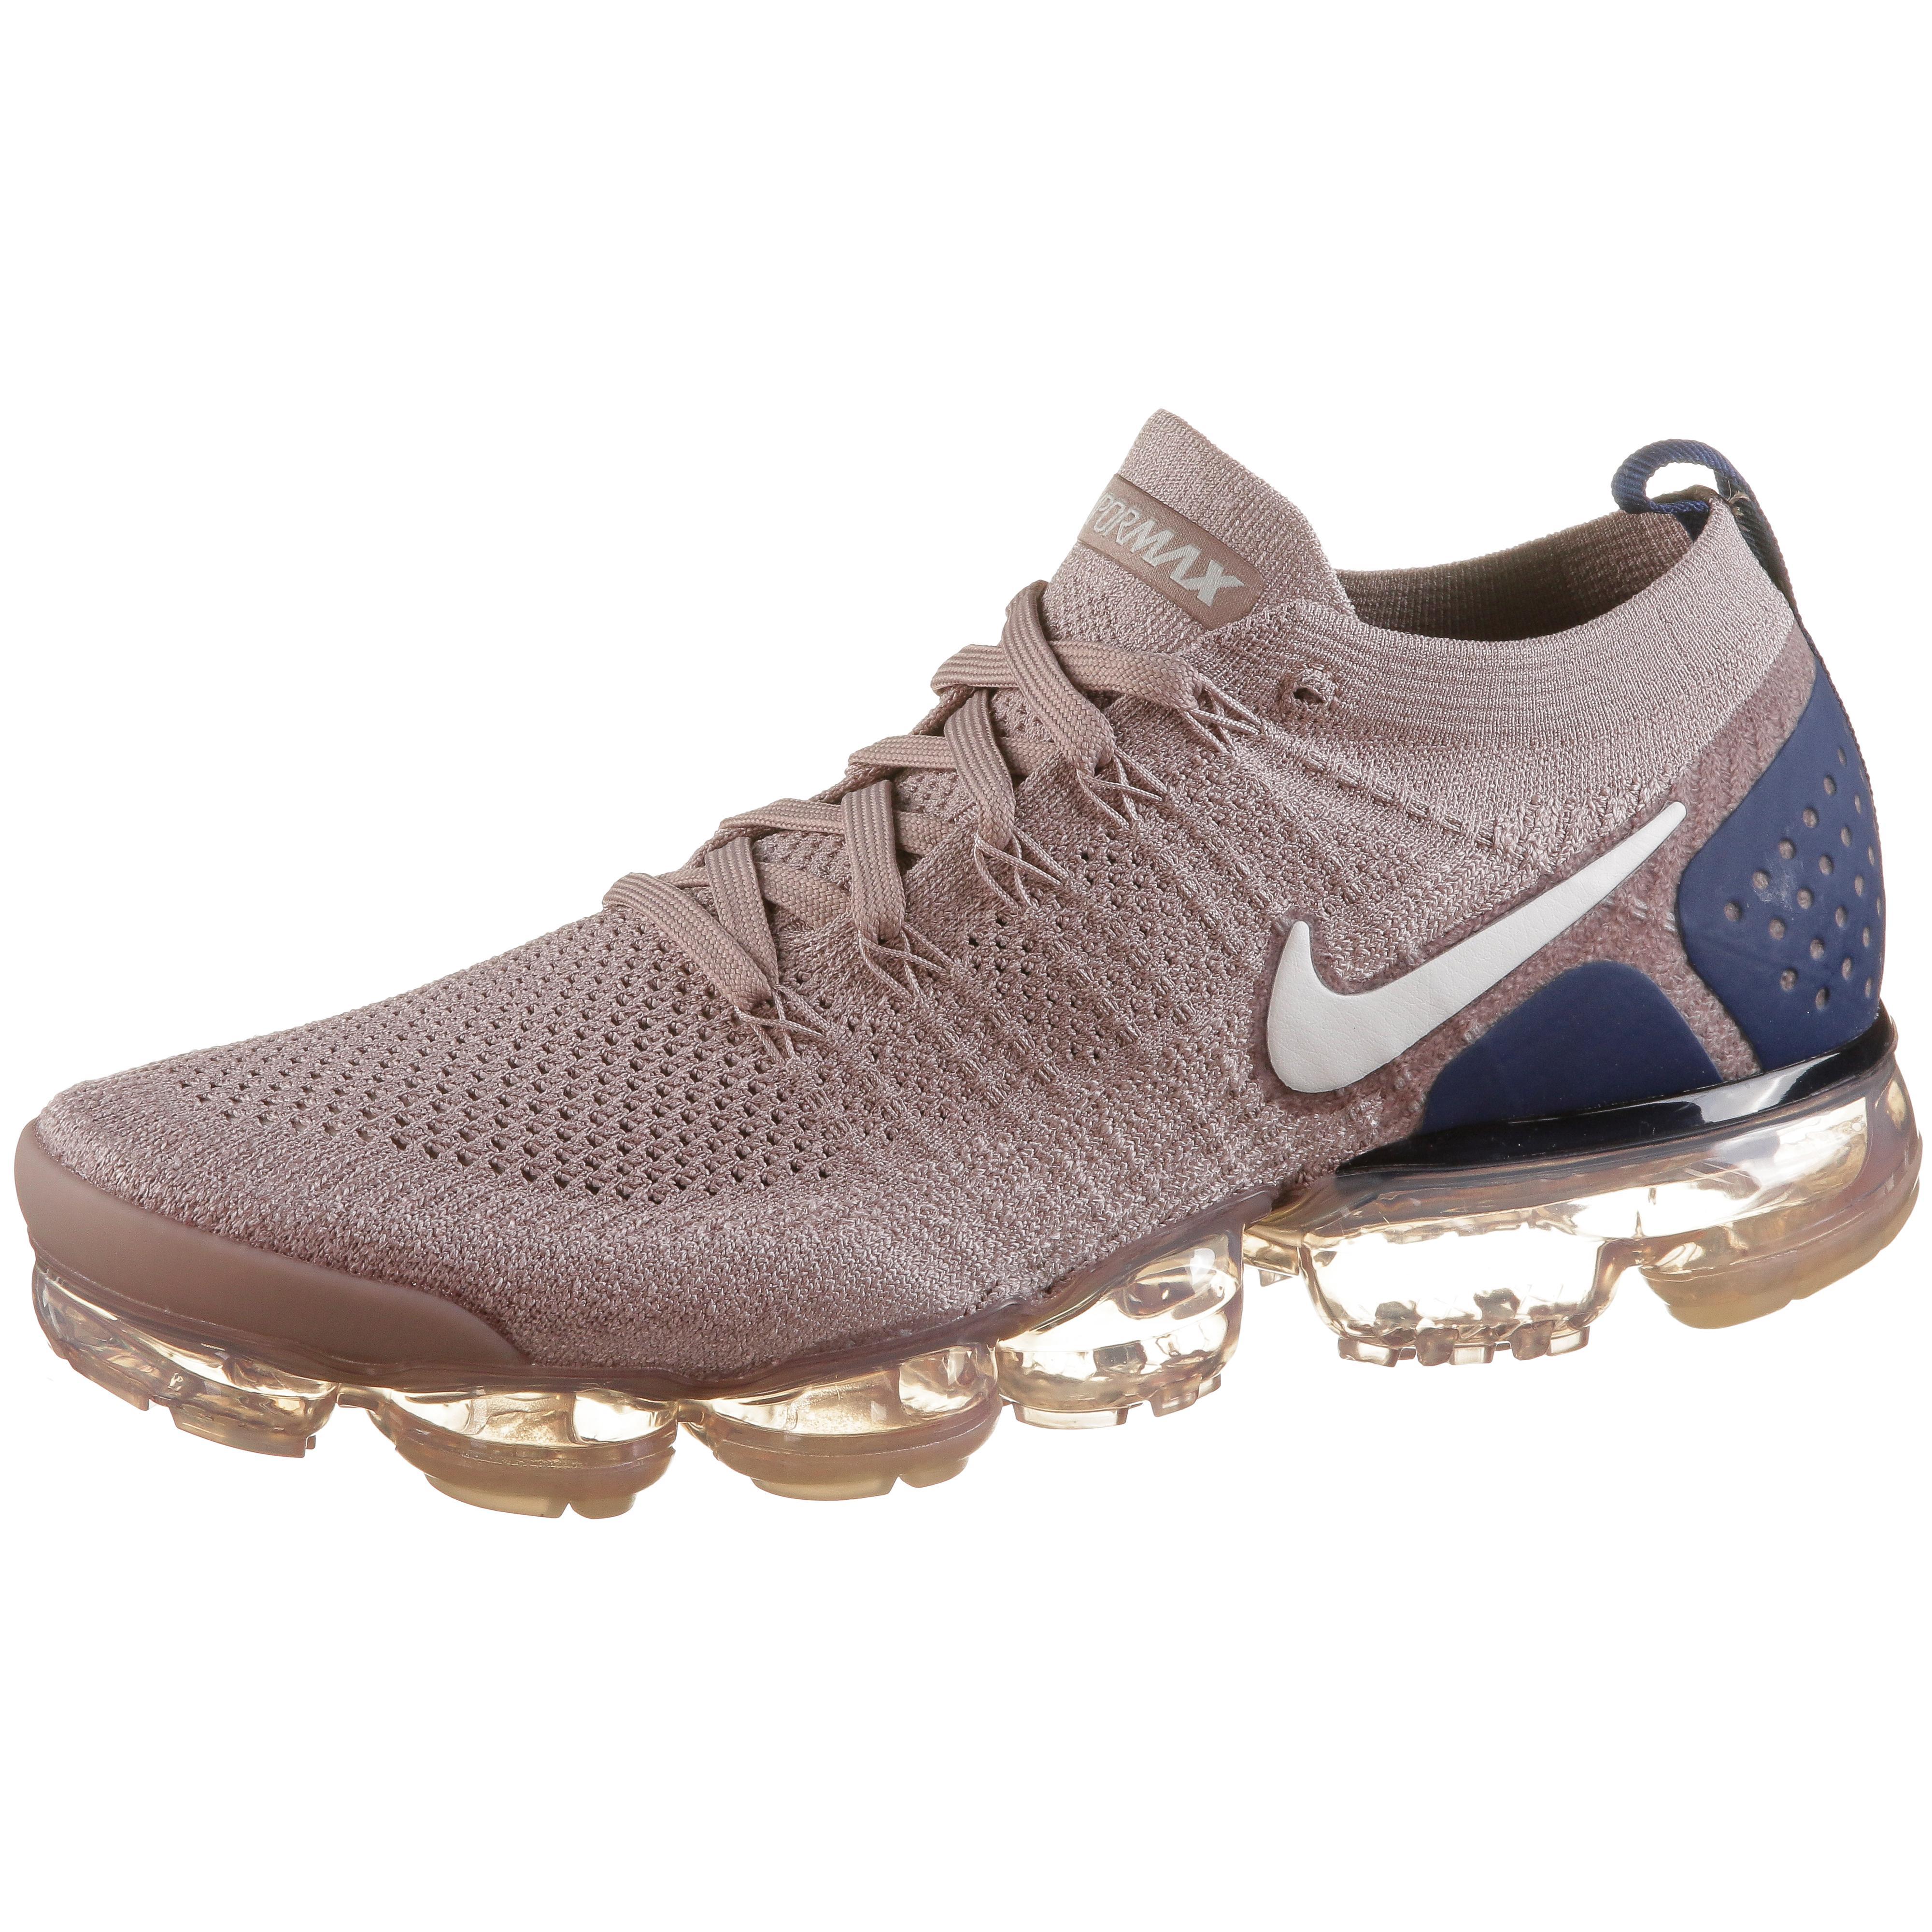 low priced edc10 d68be Nike Air Vapormax Flyknit2 Sneaker Herren diffused taupe-phantom blue im  Online Shop von SportScheck kaufen